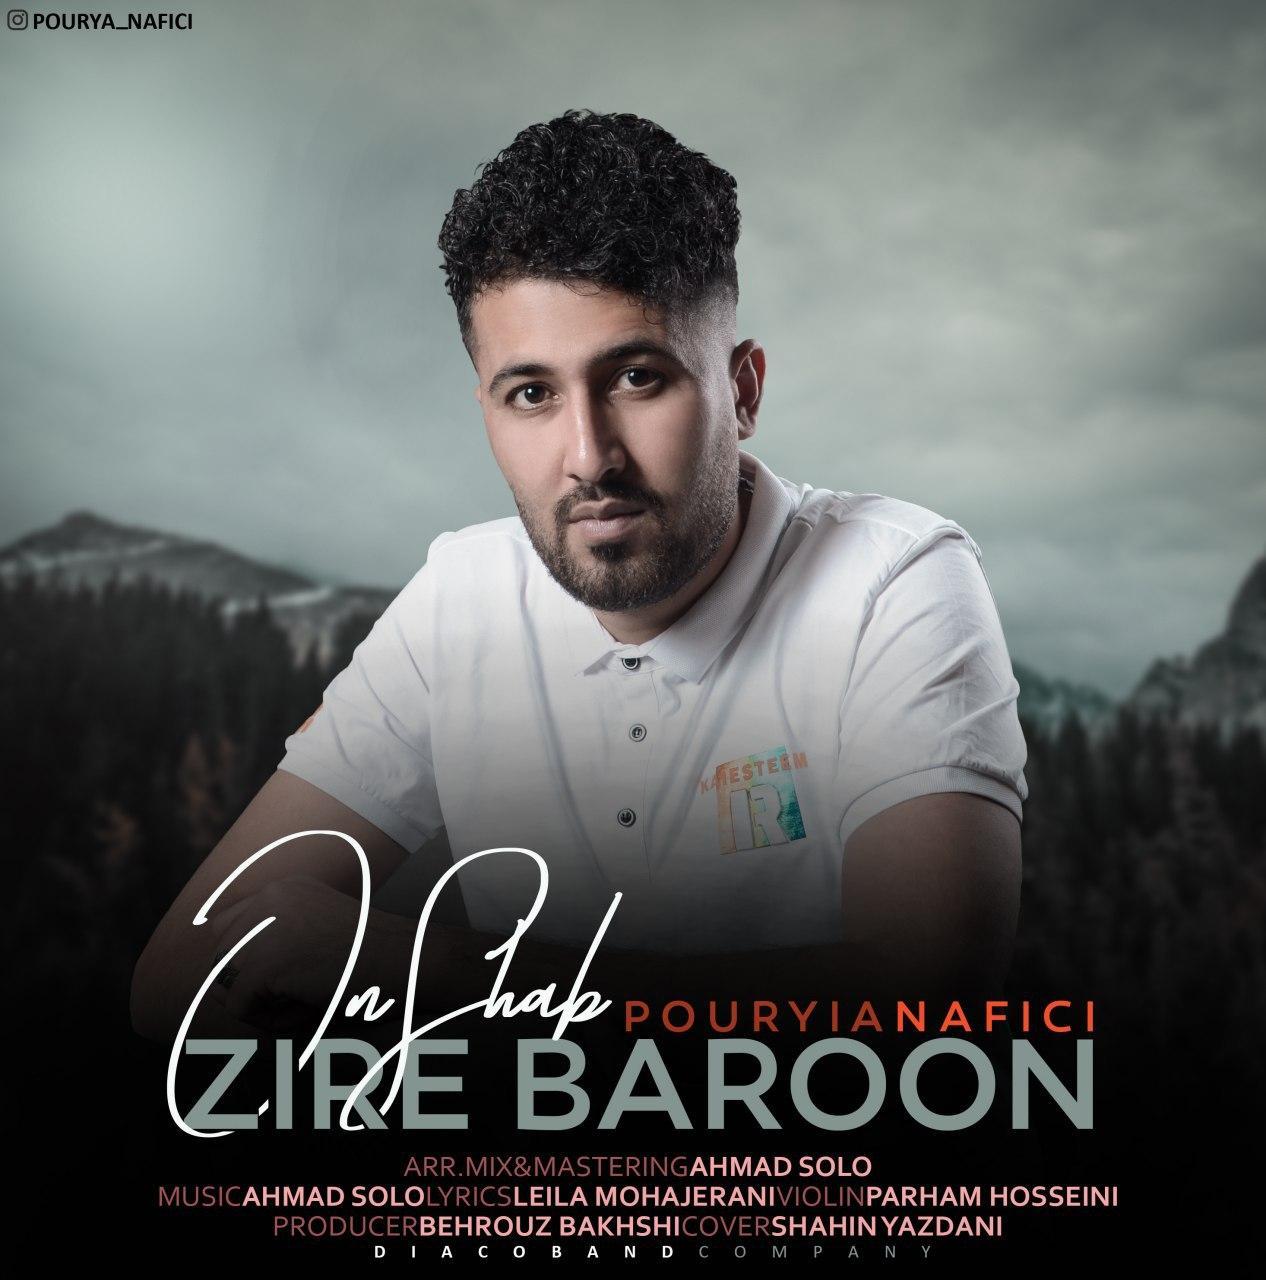 Pourya Nafisi – Zire baroon